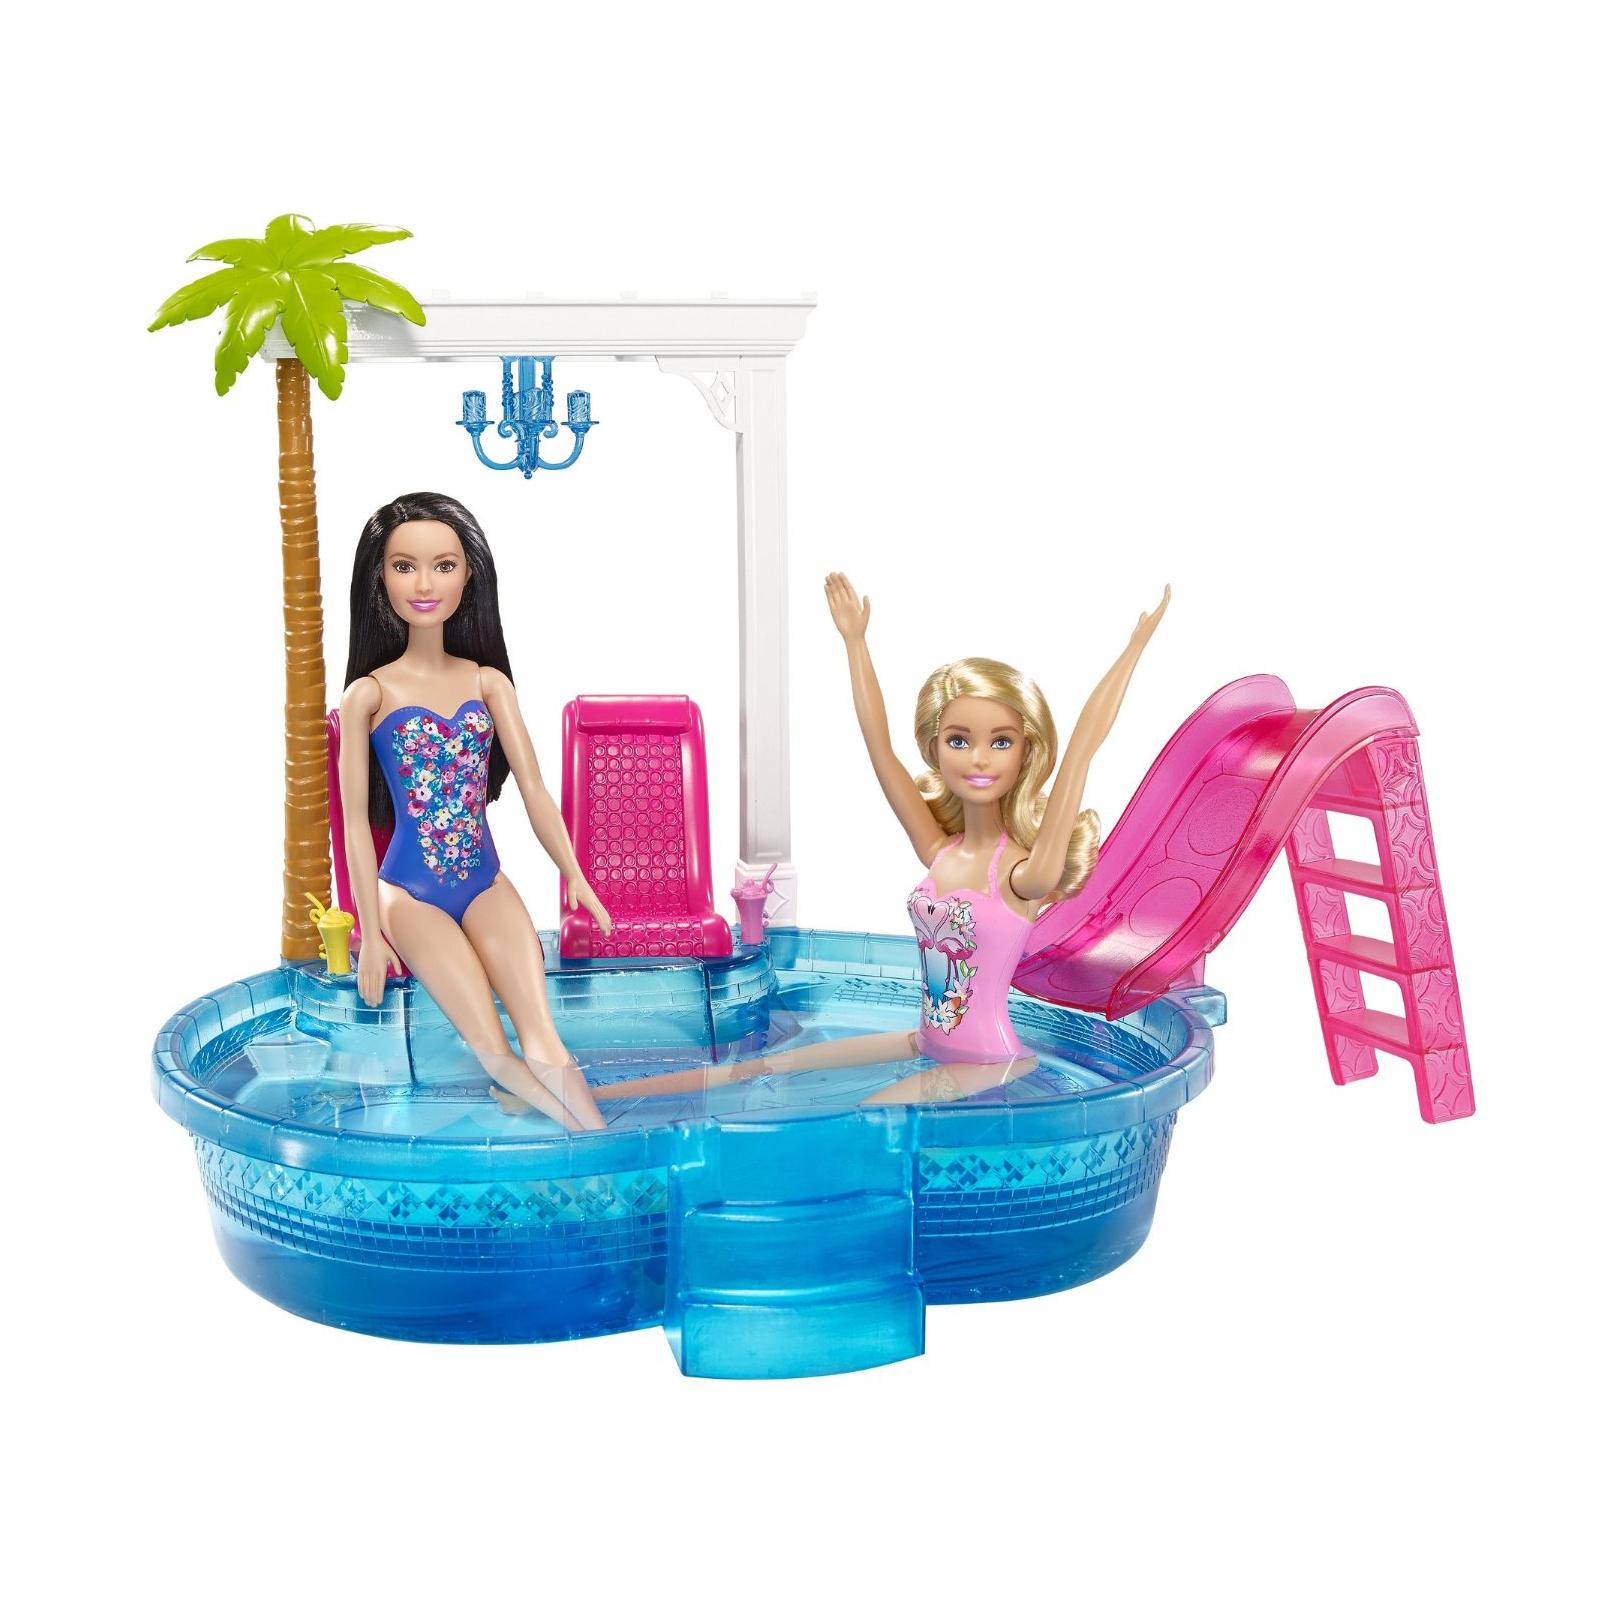 Аксессуар к кукле Barbie Гламурный бассейн (DGW22) изображение 3